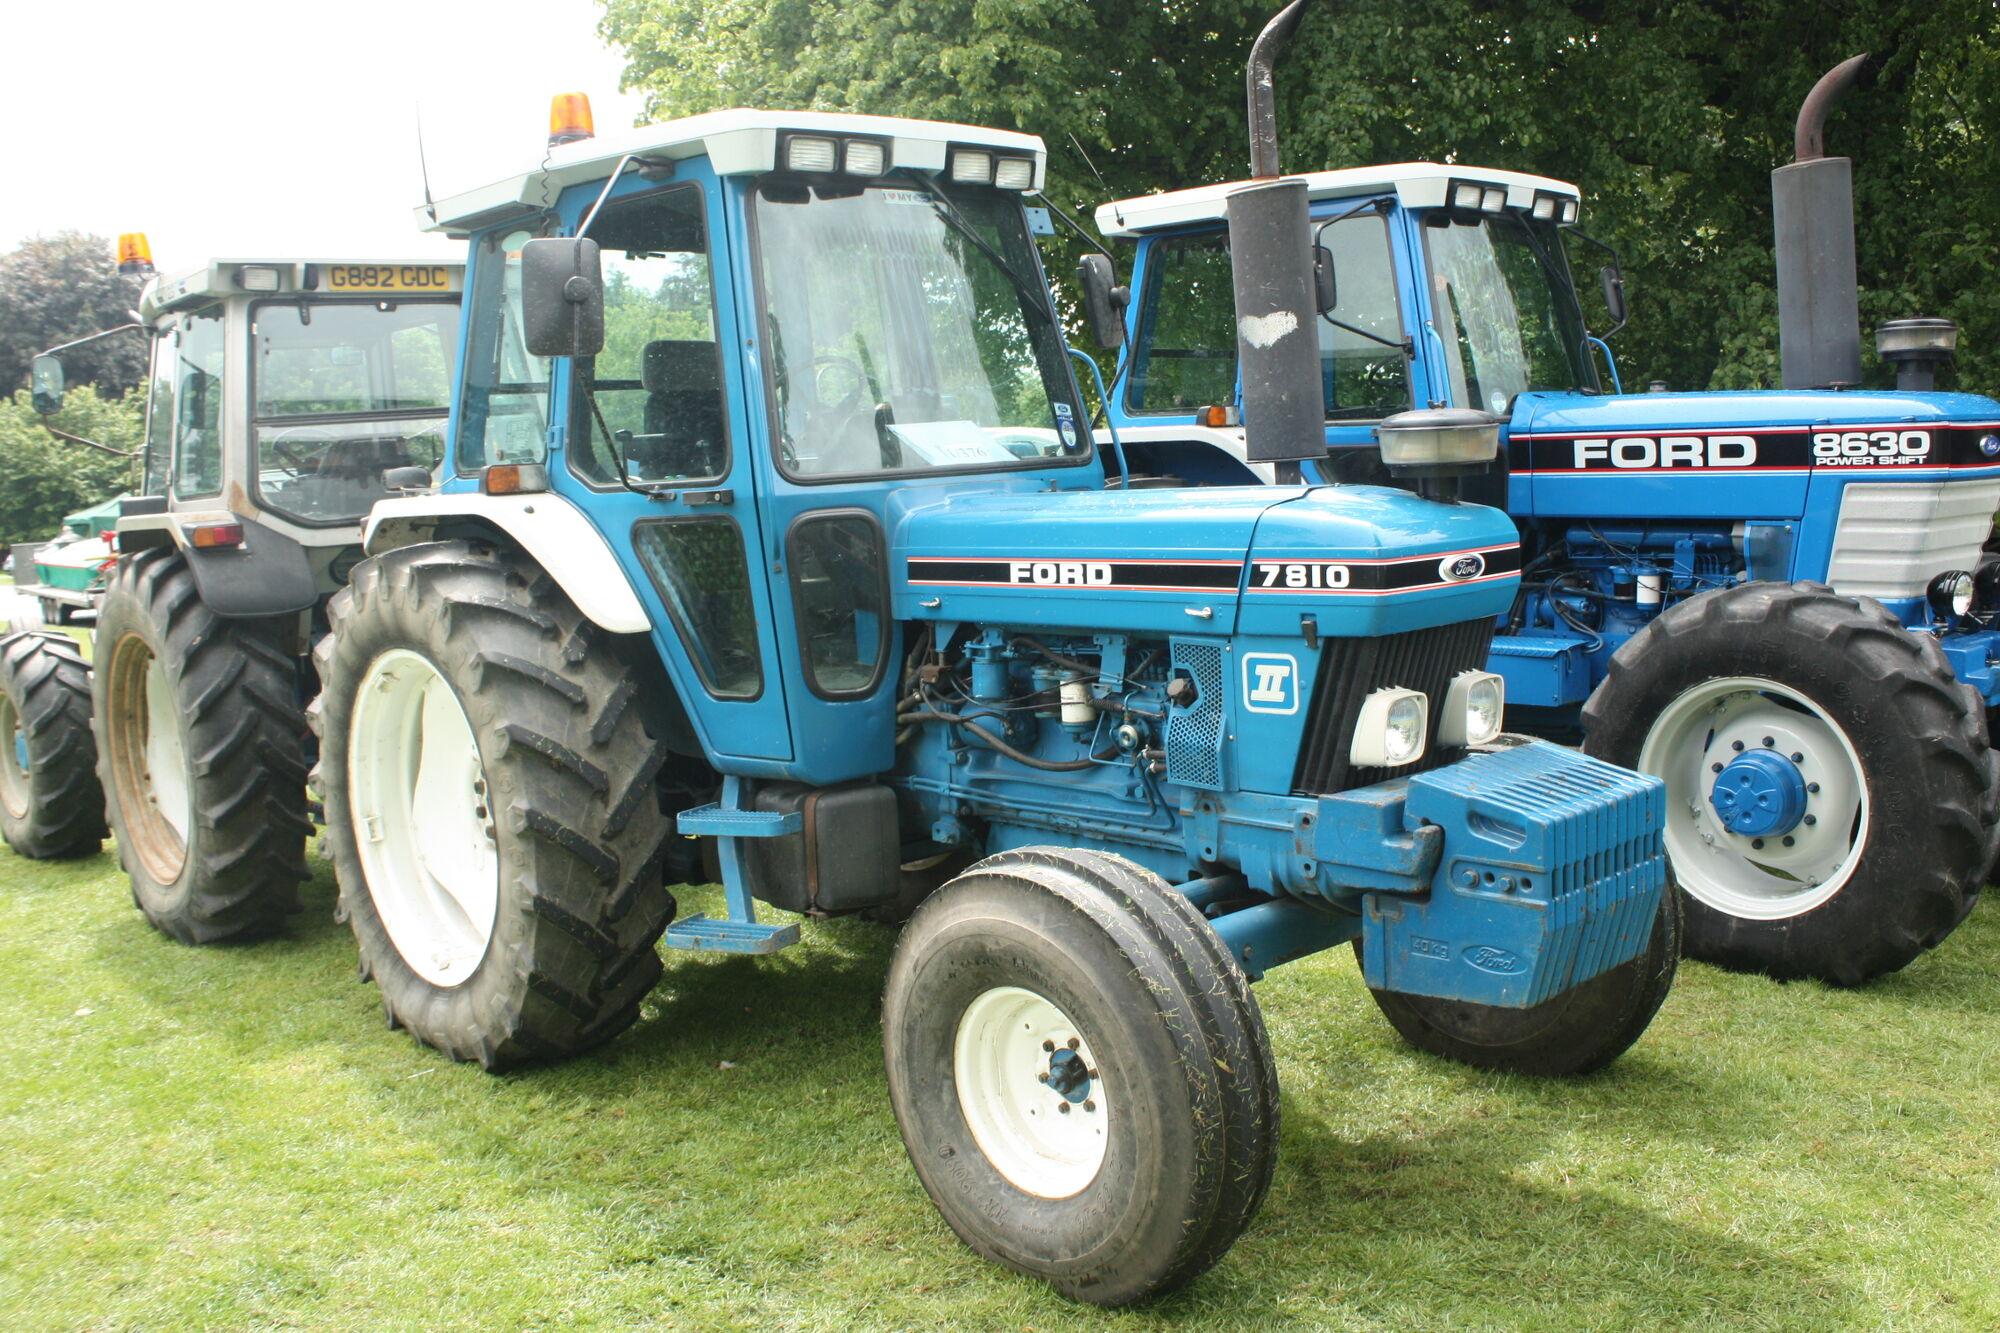 ford tractor manual 3930 ford tractor manual ford 7810 tractor construction plant wiki fandom powered by wikia